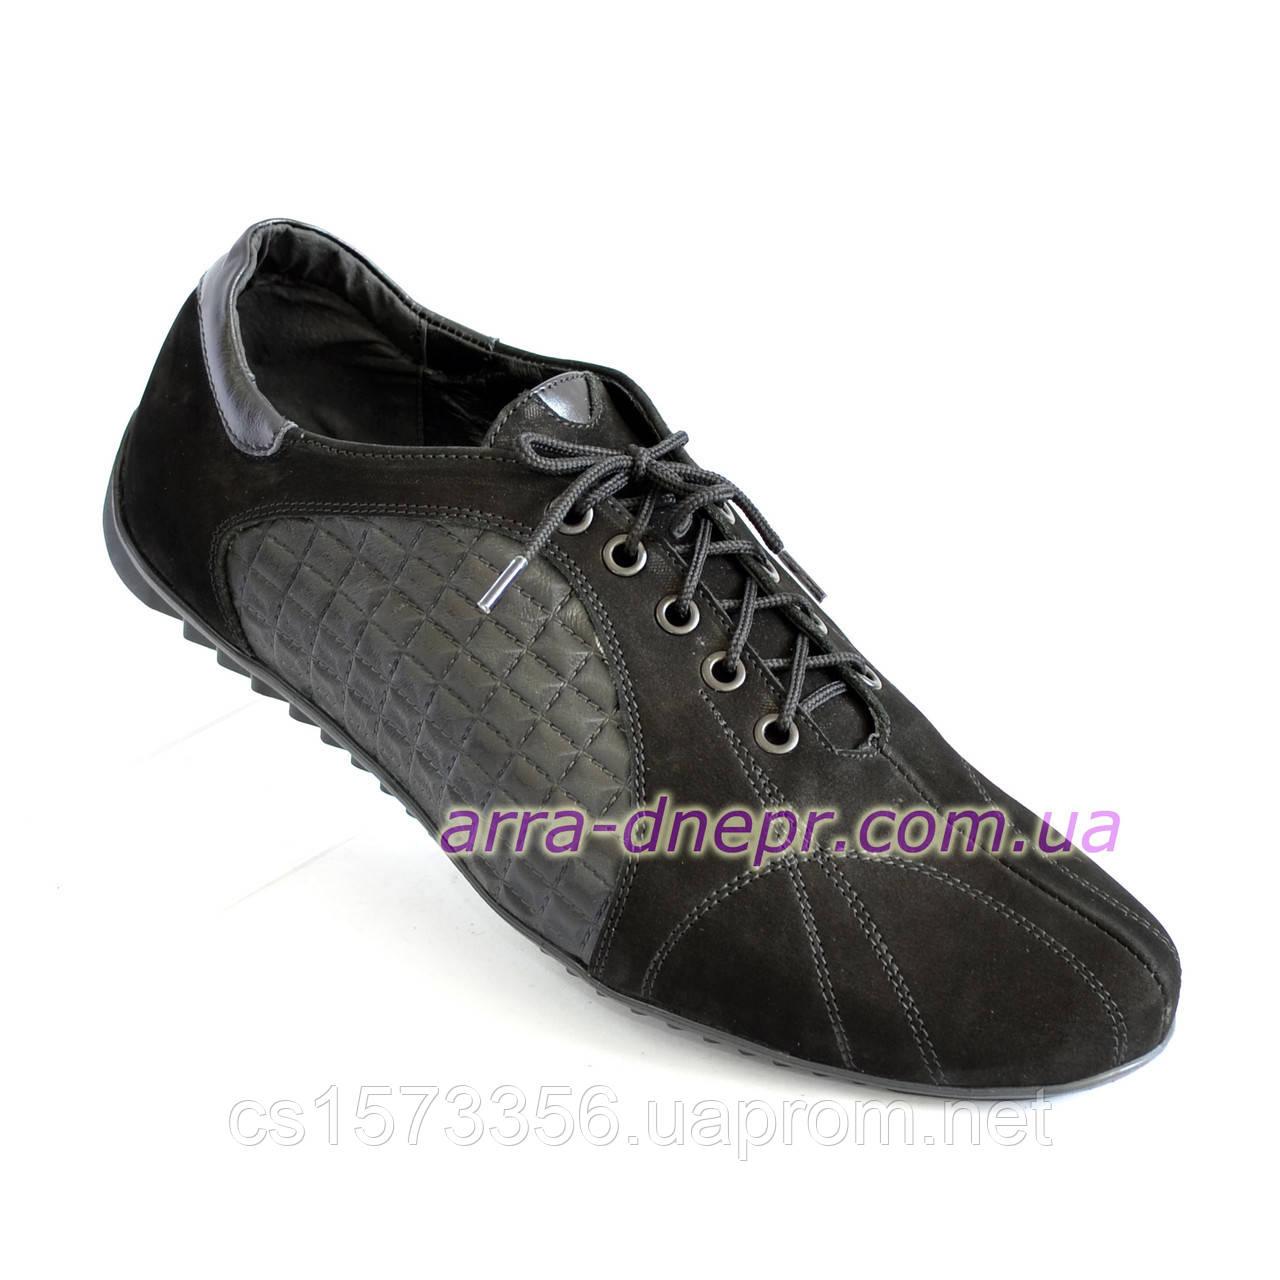 Туфли-кроссовки замшевые мужские комфортные, цвет черный